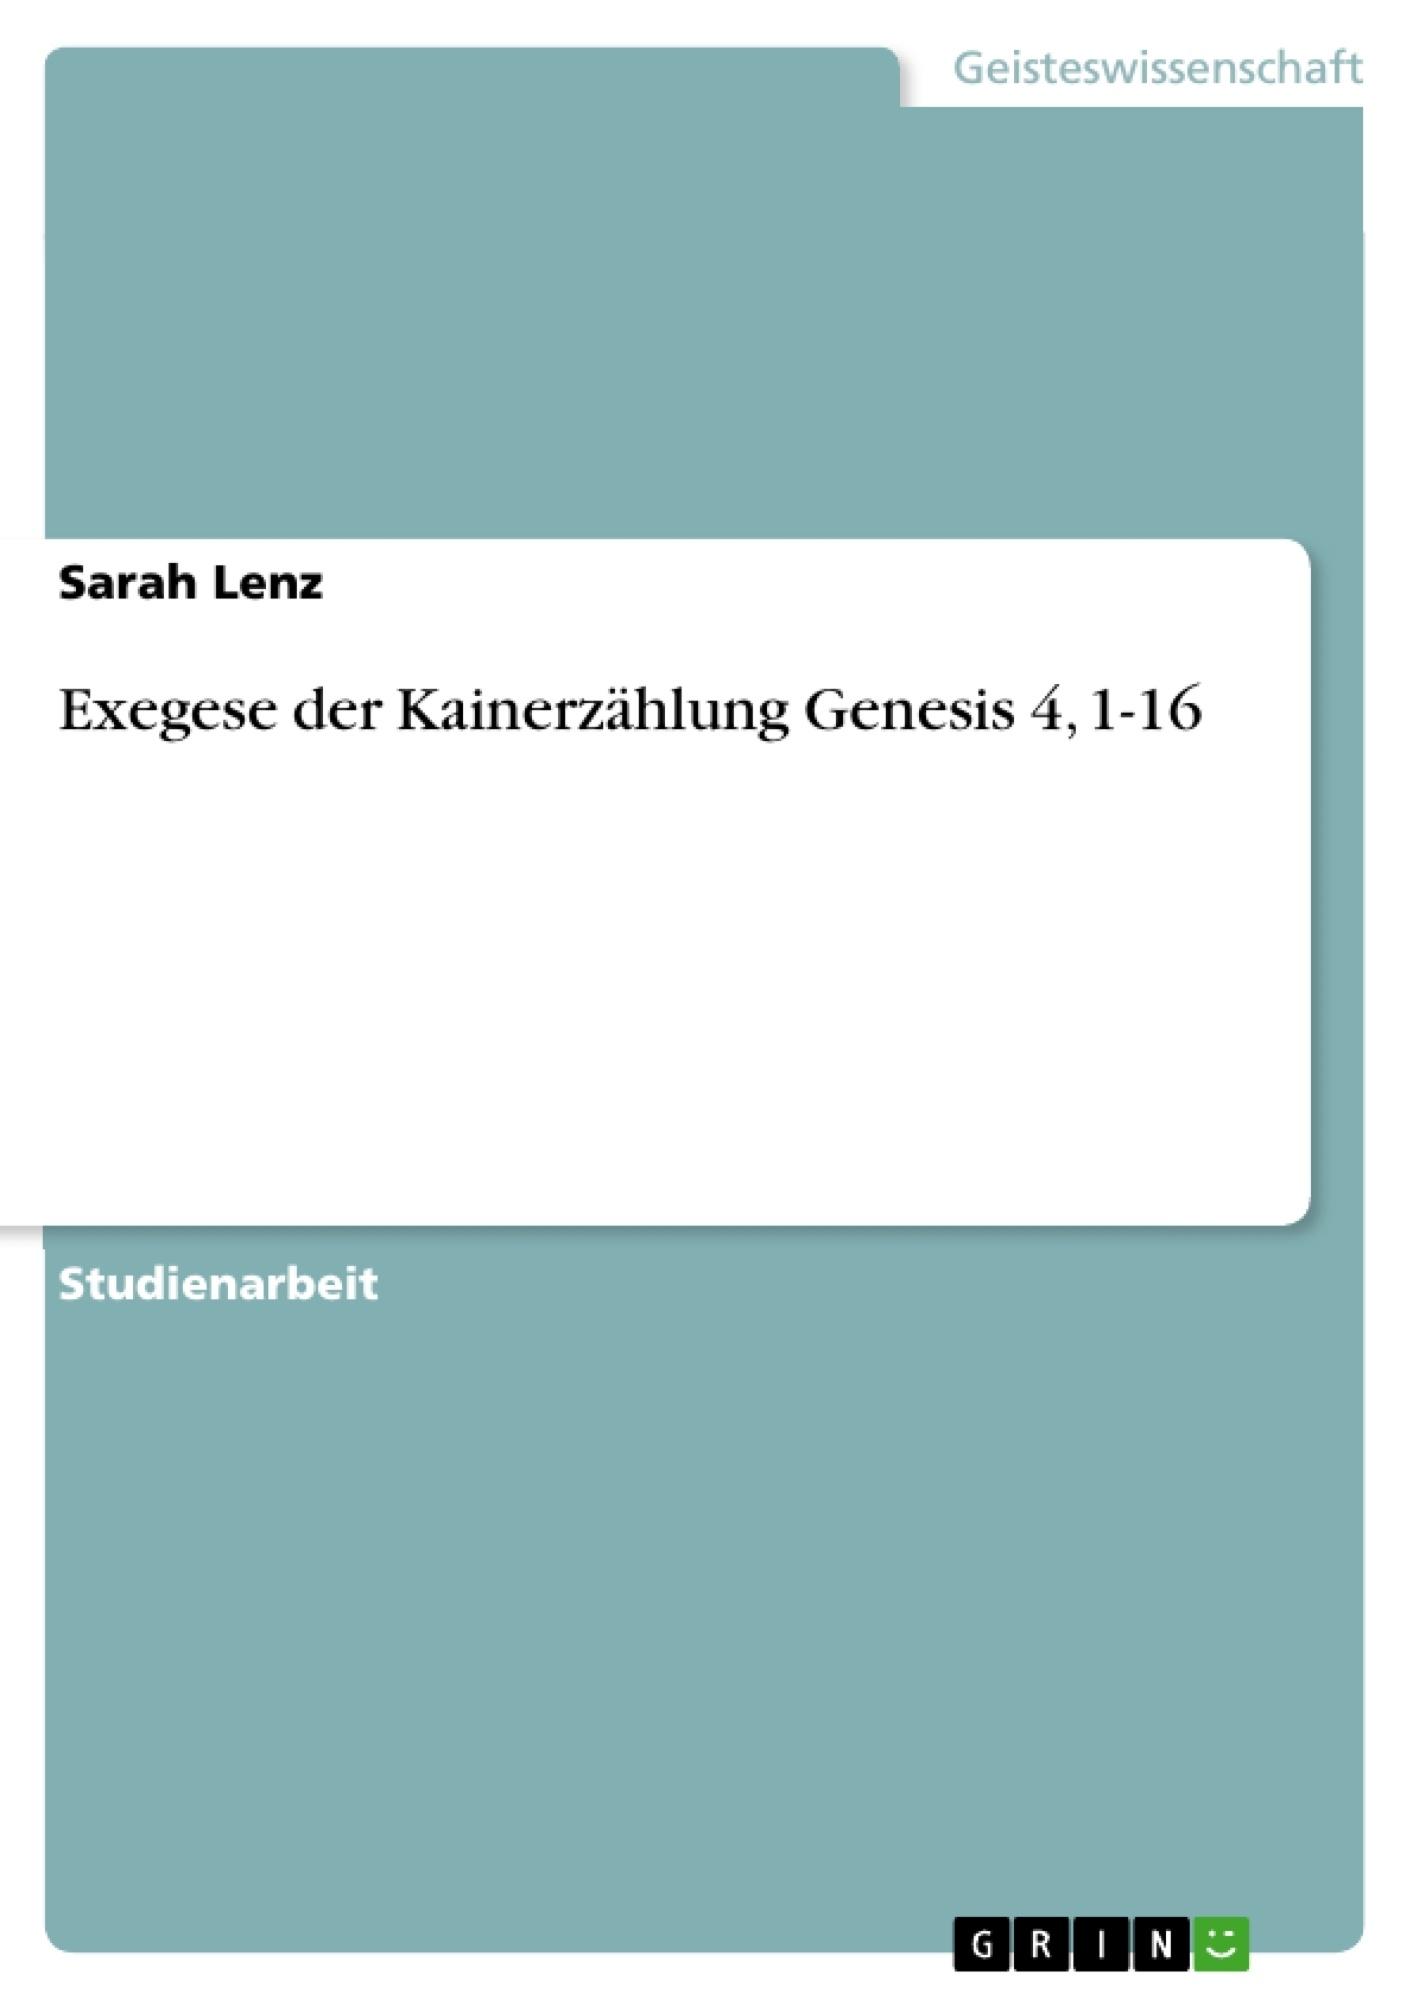 Titel: Exegese der Kainerzählung Genesis 4, 1-16